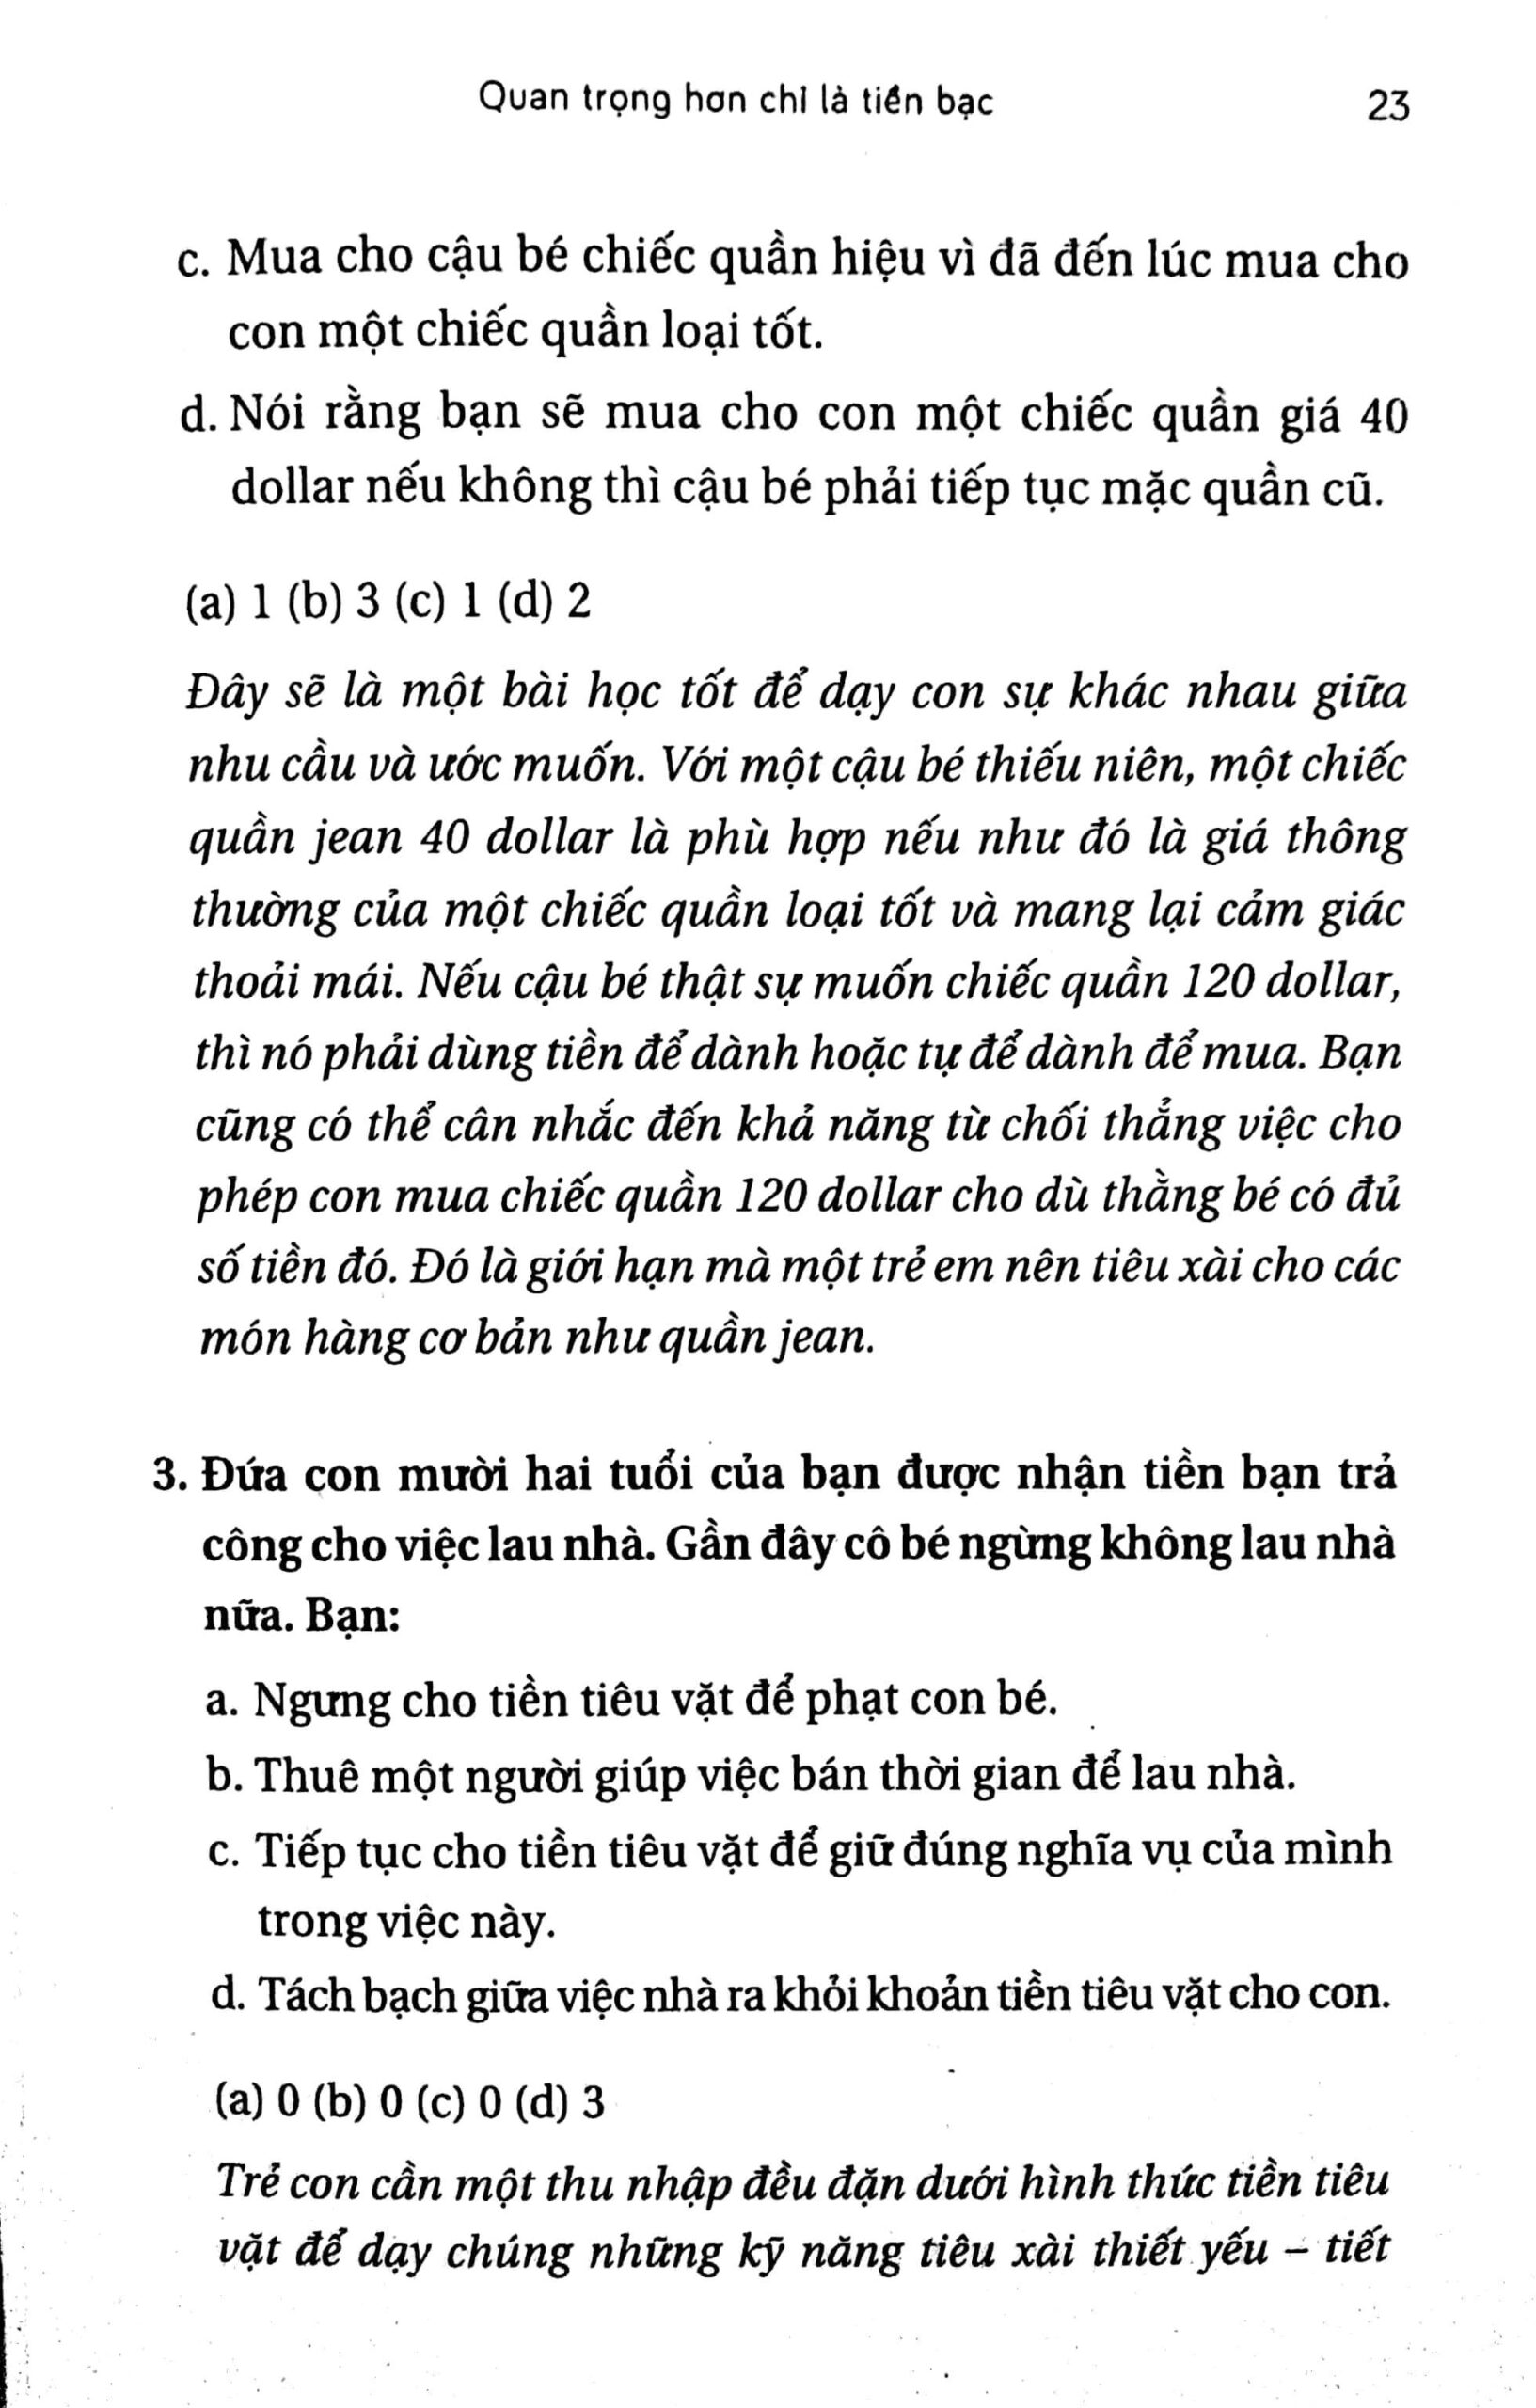 chương 1 - quan trọng hơn chỉ là tiền bạc 7 - Dạy Con Dùng Tiền - Adam Khoo và Keon Chee